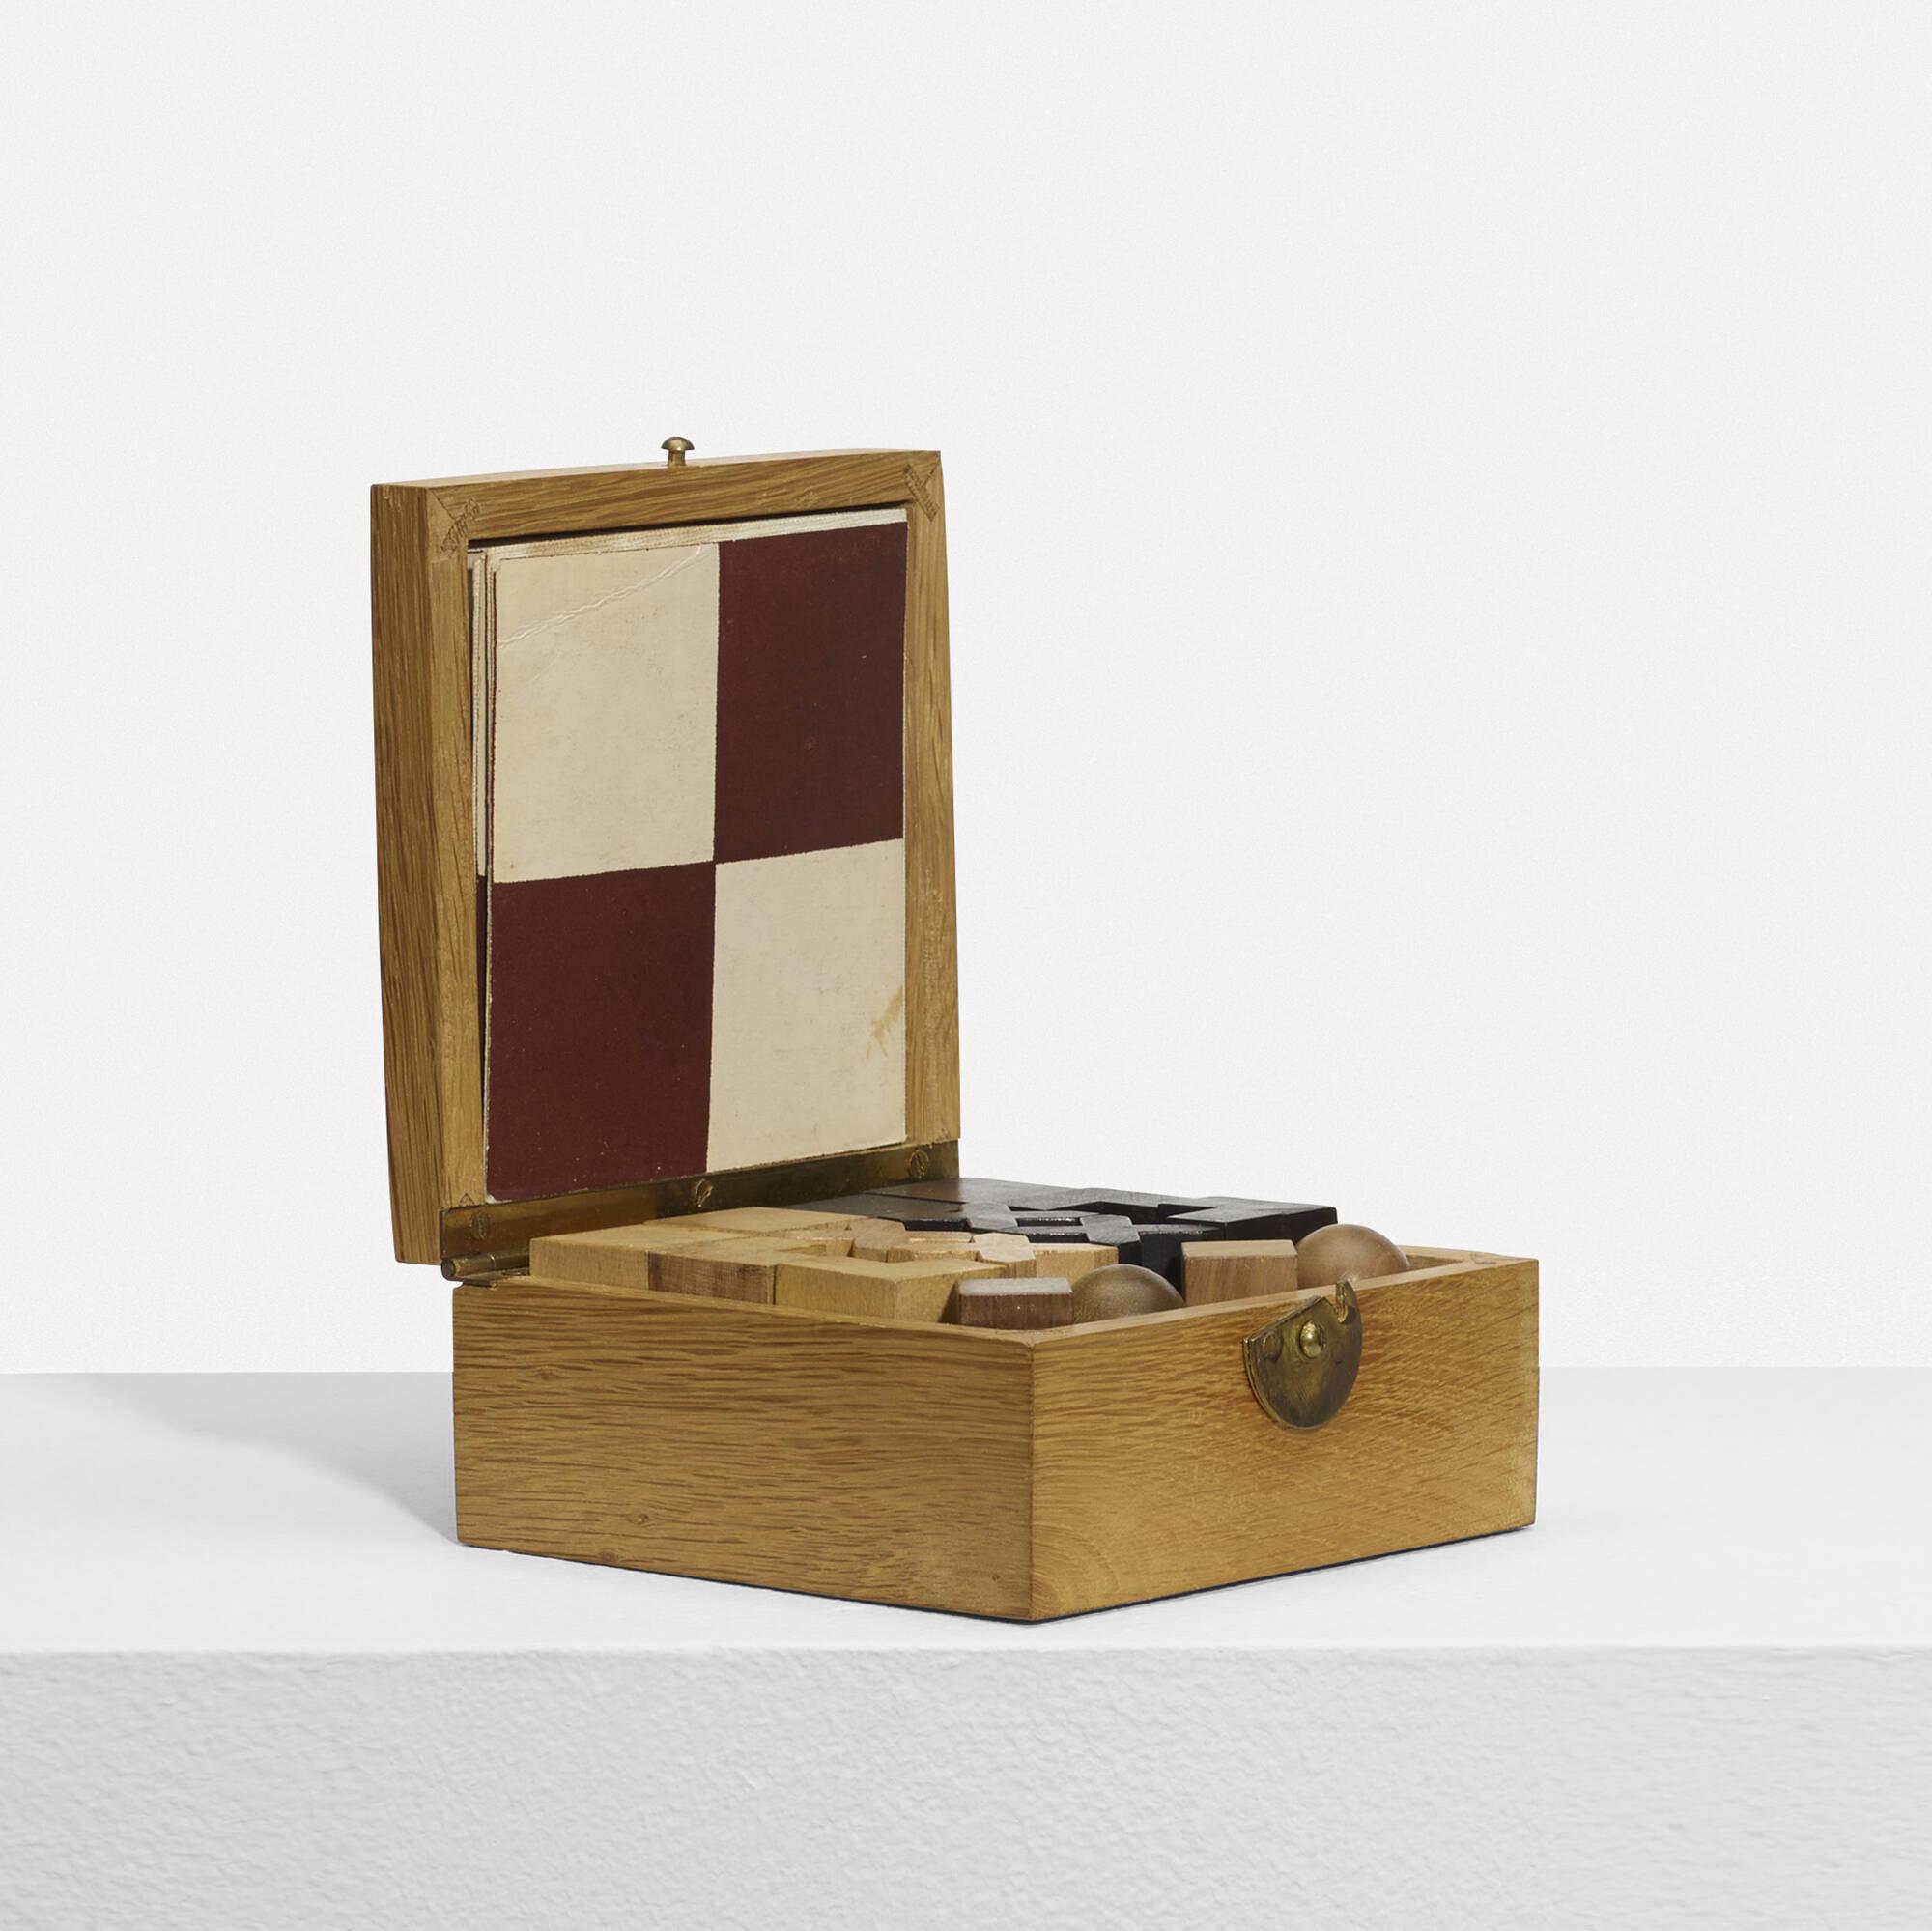 150: Josef Hartwig / Bauhaus chess set (2 of 2)